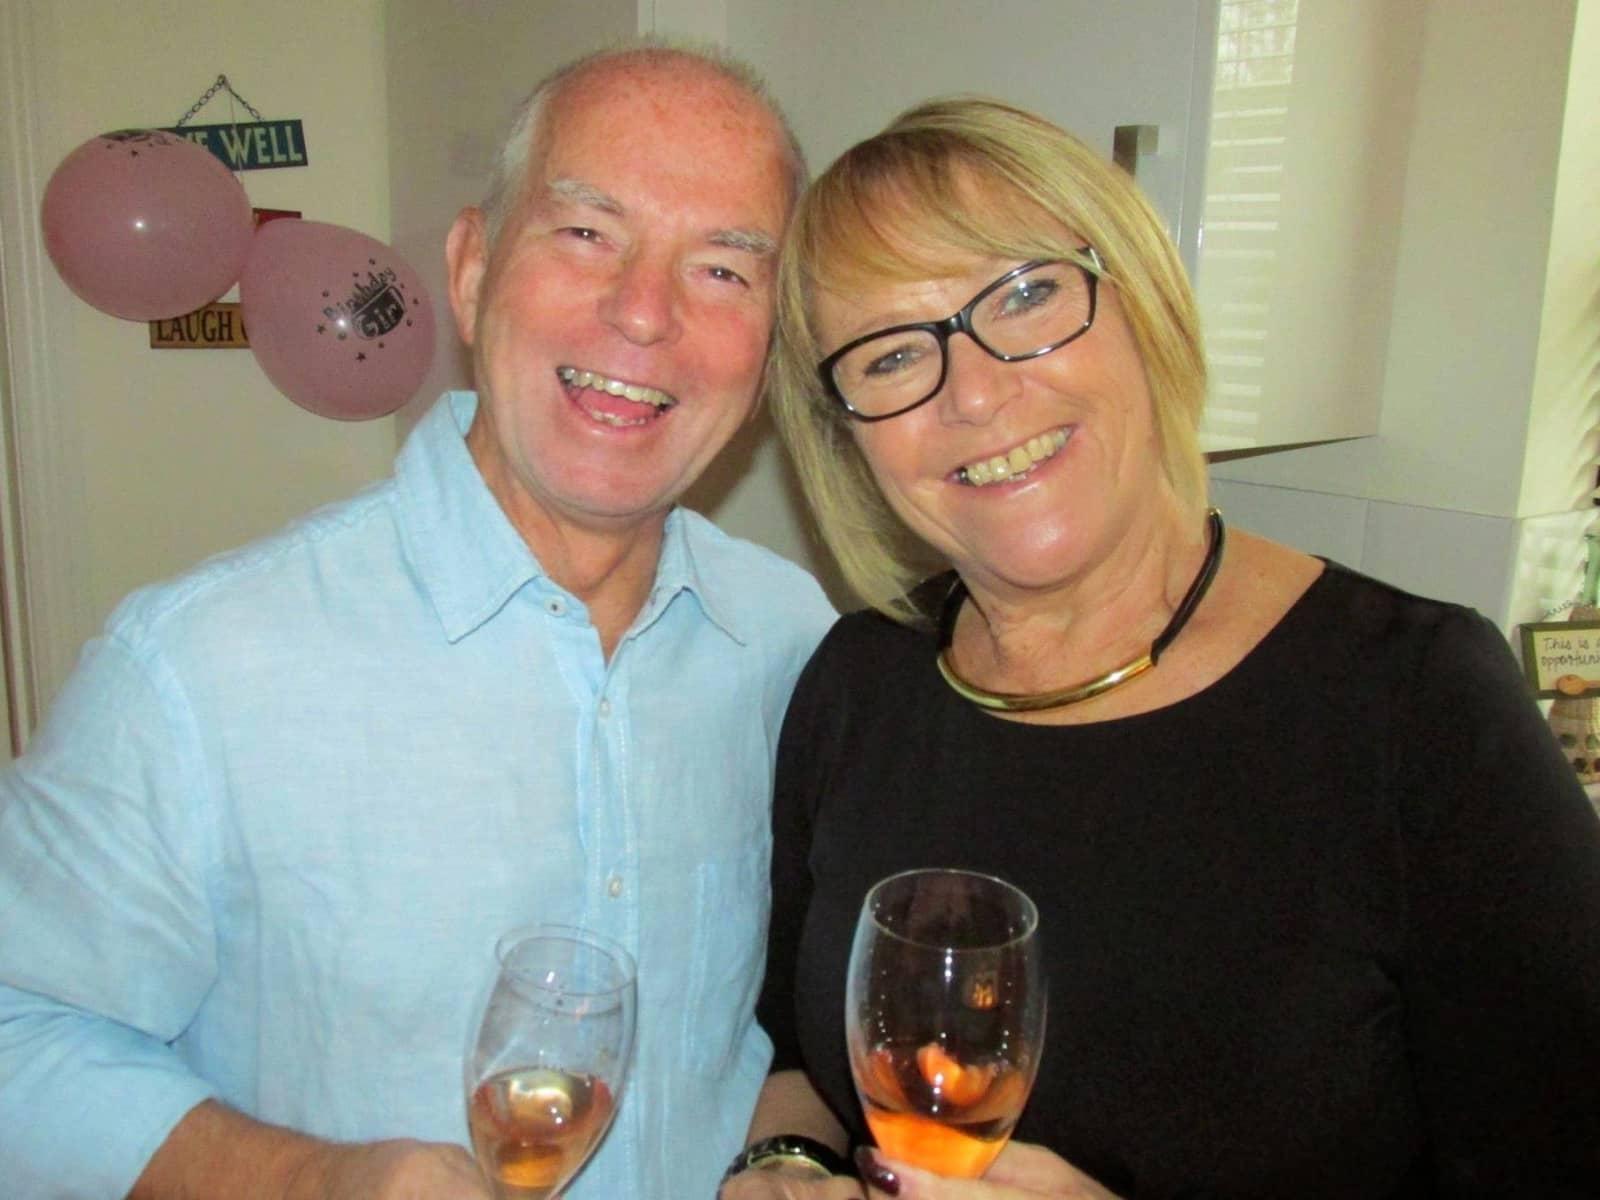 Keith & Denise from Málaga, Spain